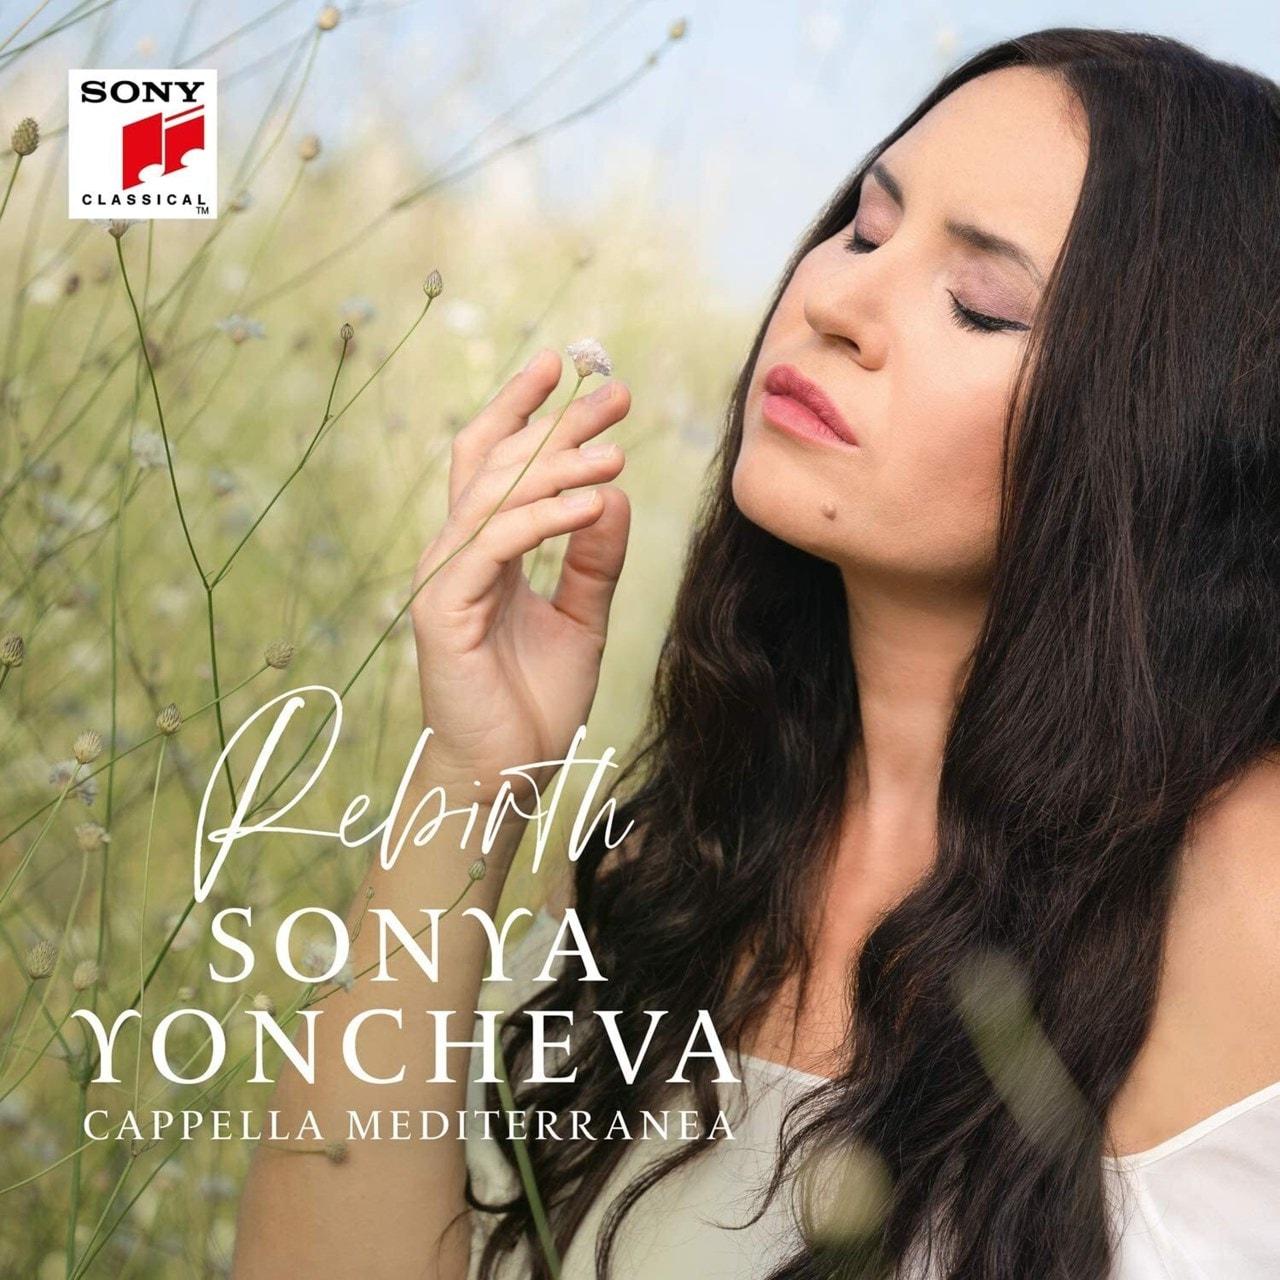 Sonya Yoncheva: Rebirth - 1